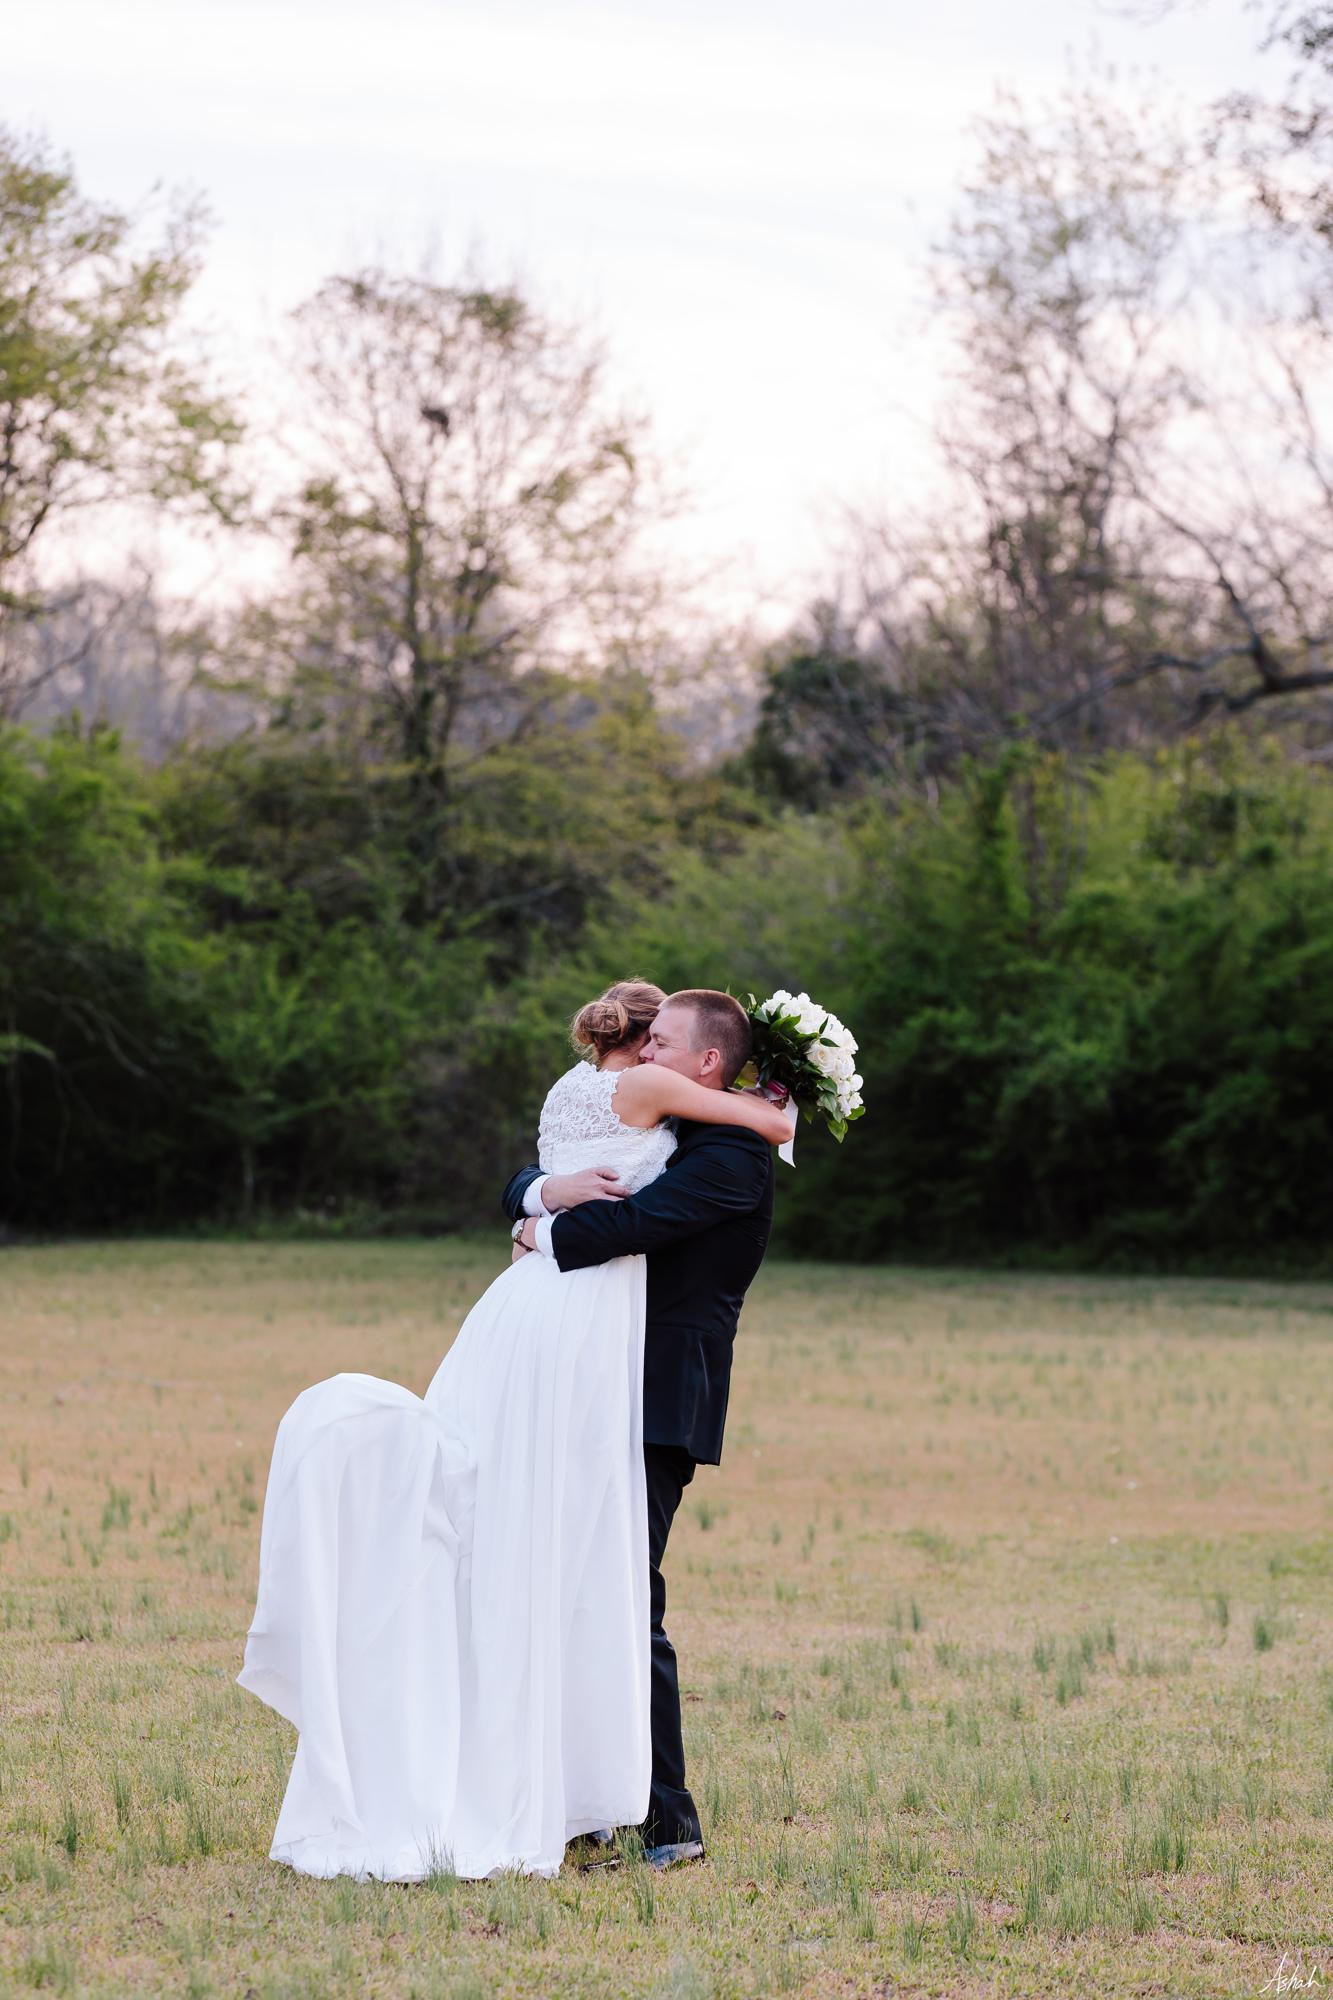 bridegroom137.jpg